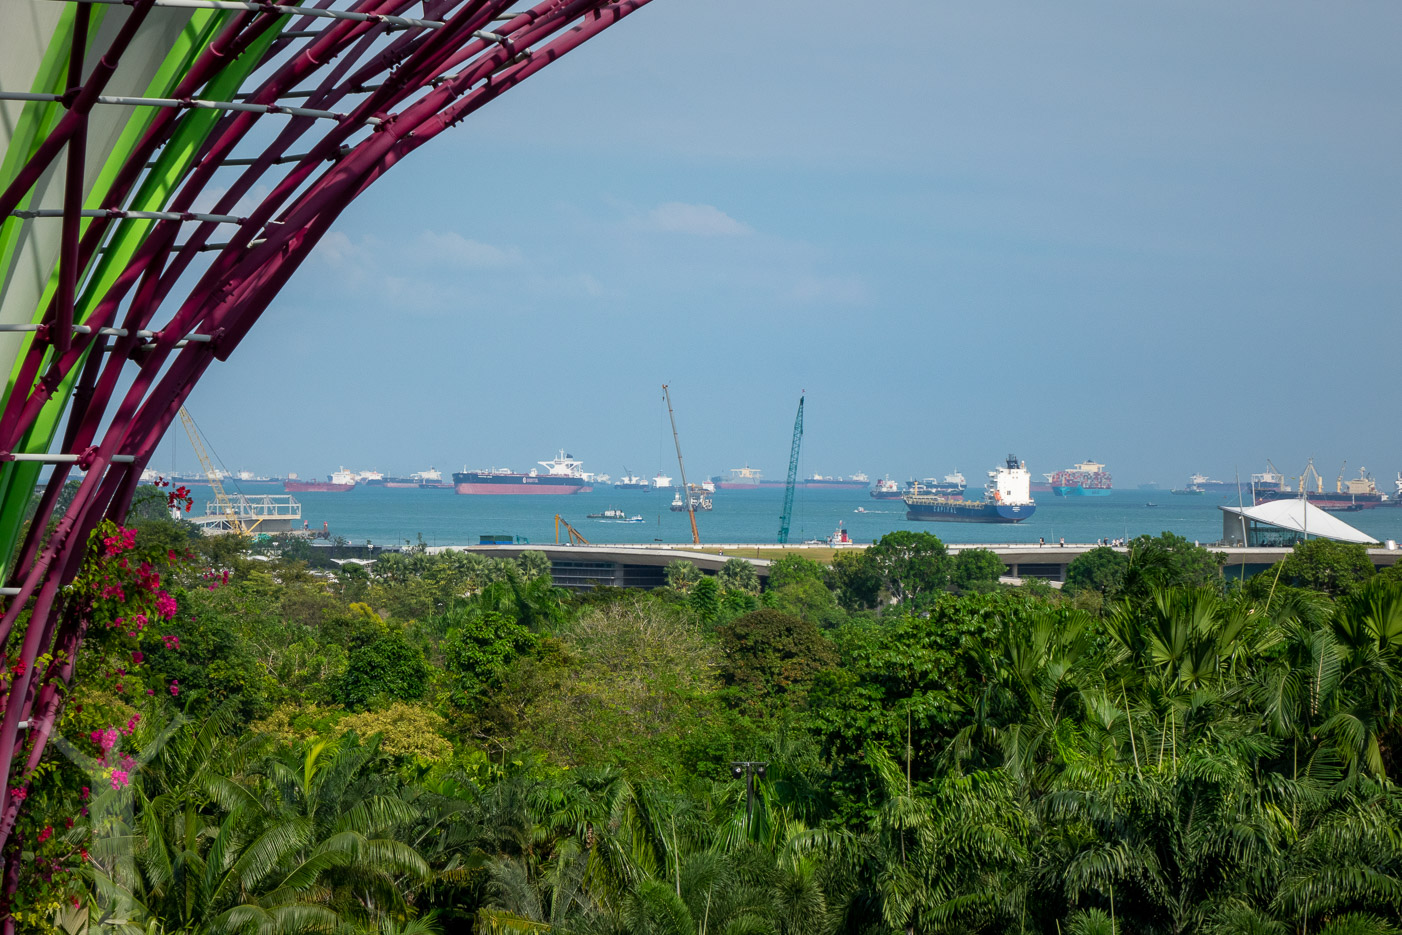 Det är klarare sikt utan haze i Singapore